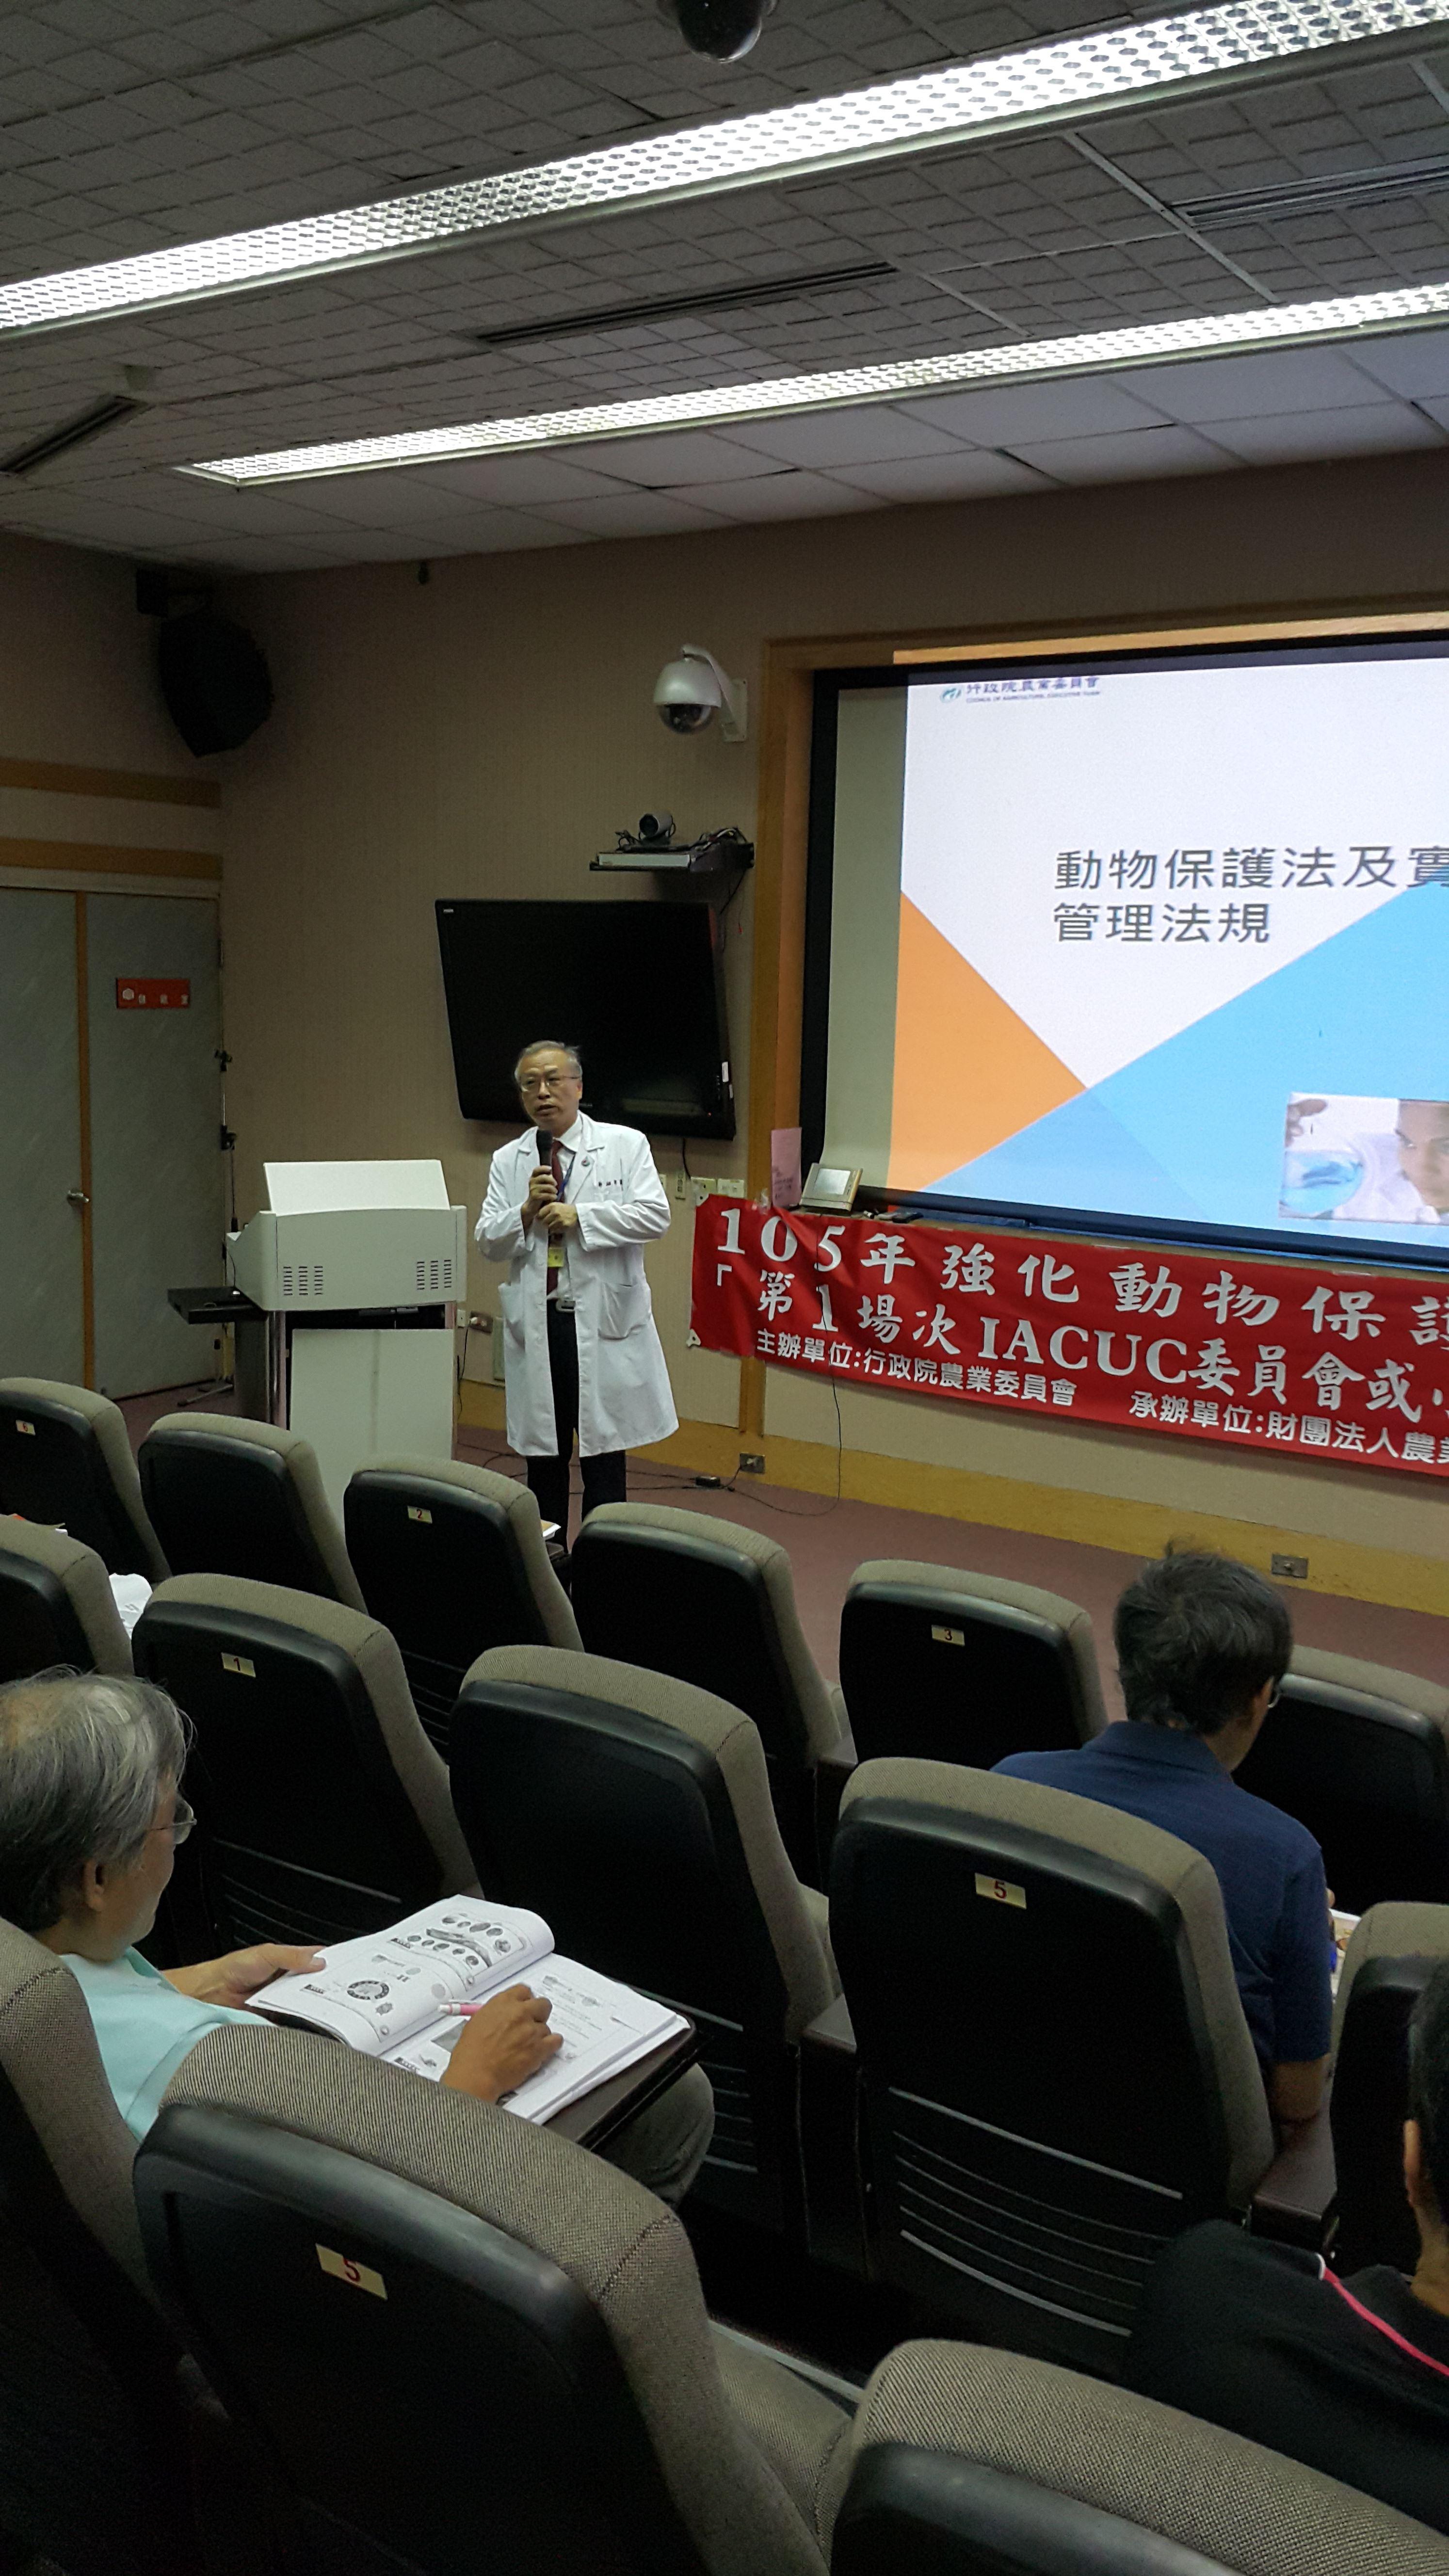 105年IACUC委員會受訓課程(圖片)